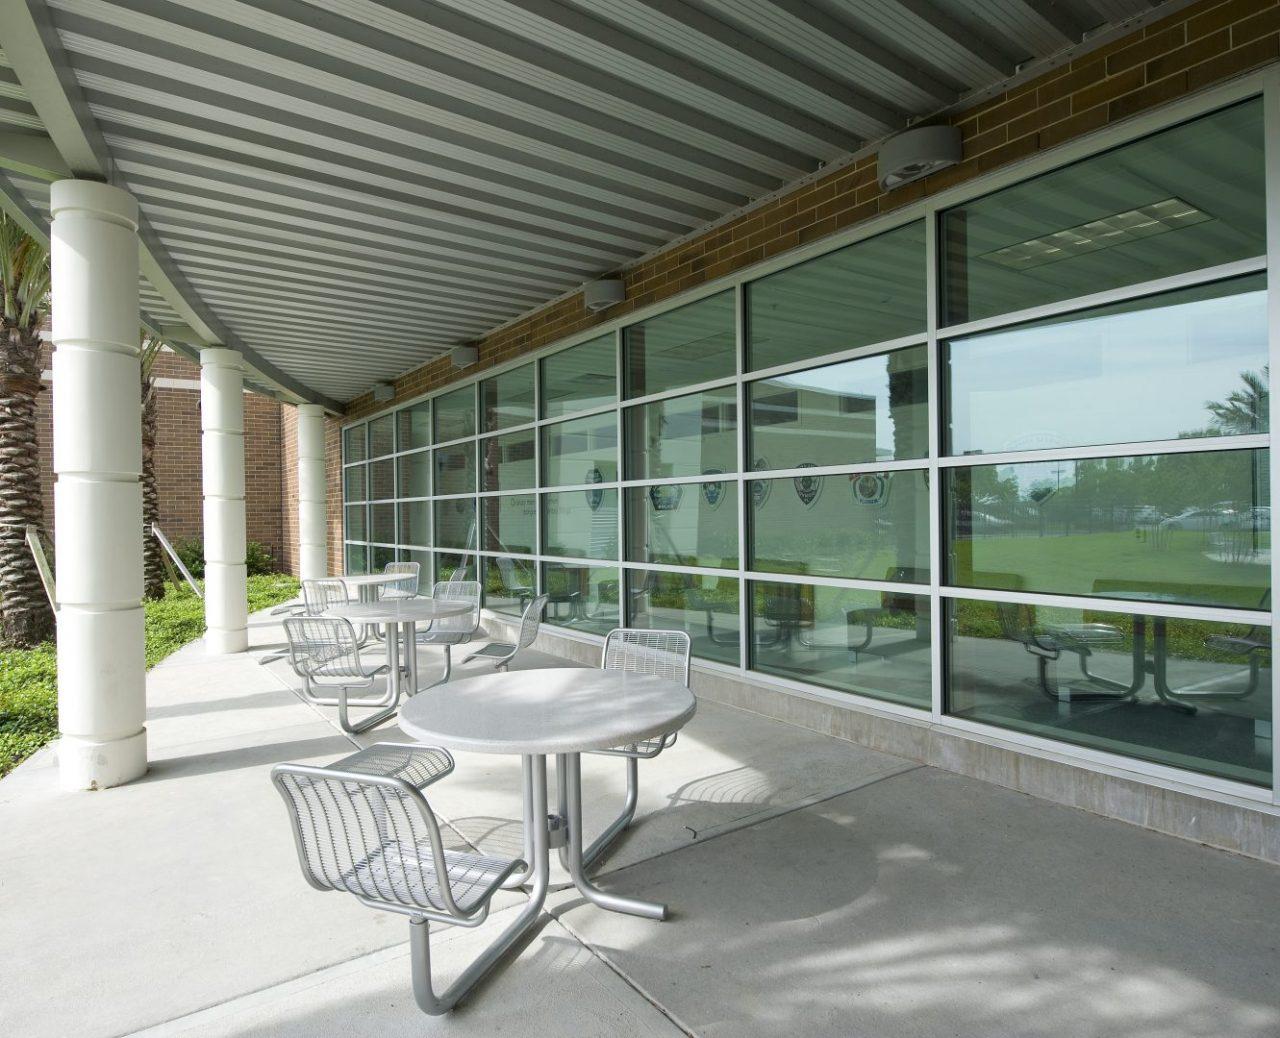 Seminole State College Center For Public Safety Wharton Smith Inc